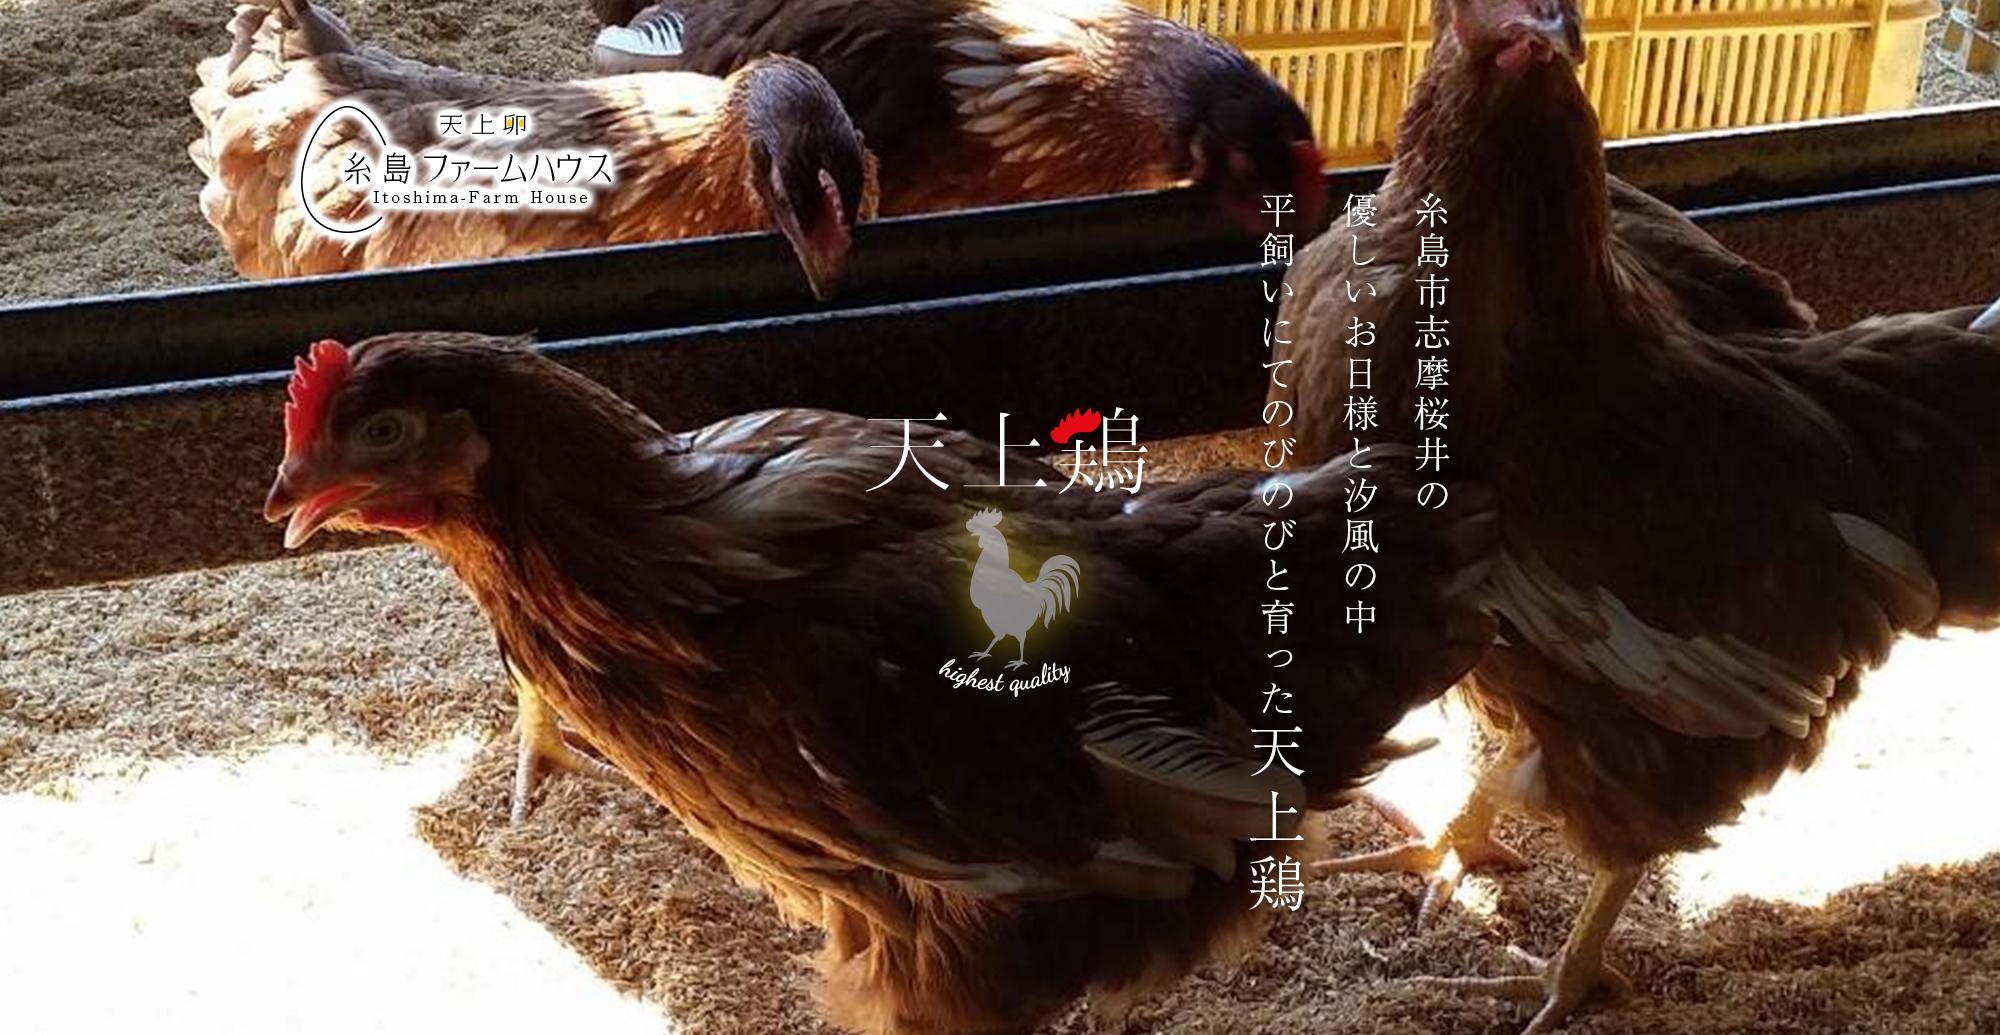 糸島市志摩桜井の優しいお日様と汐風の中、平飼いにてのびのびと育った天上鶏